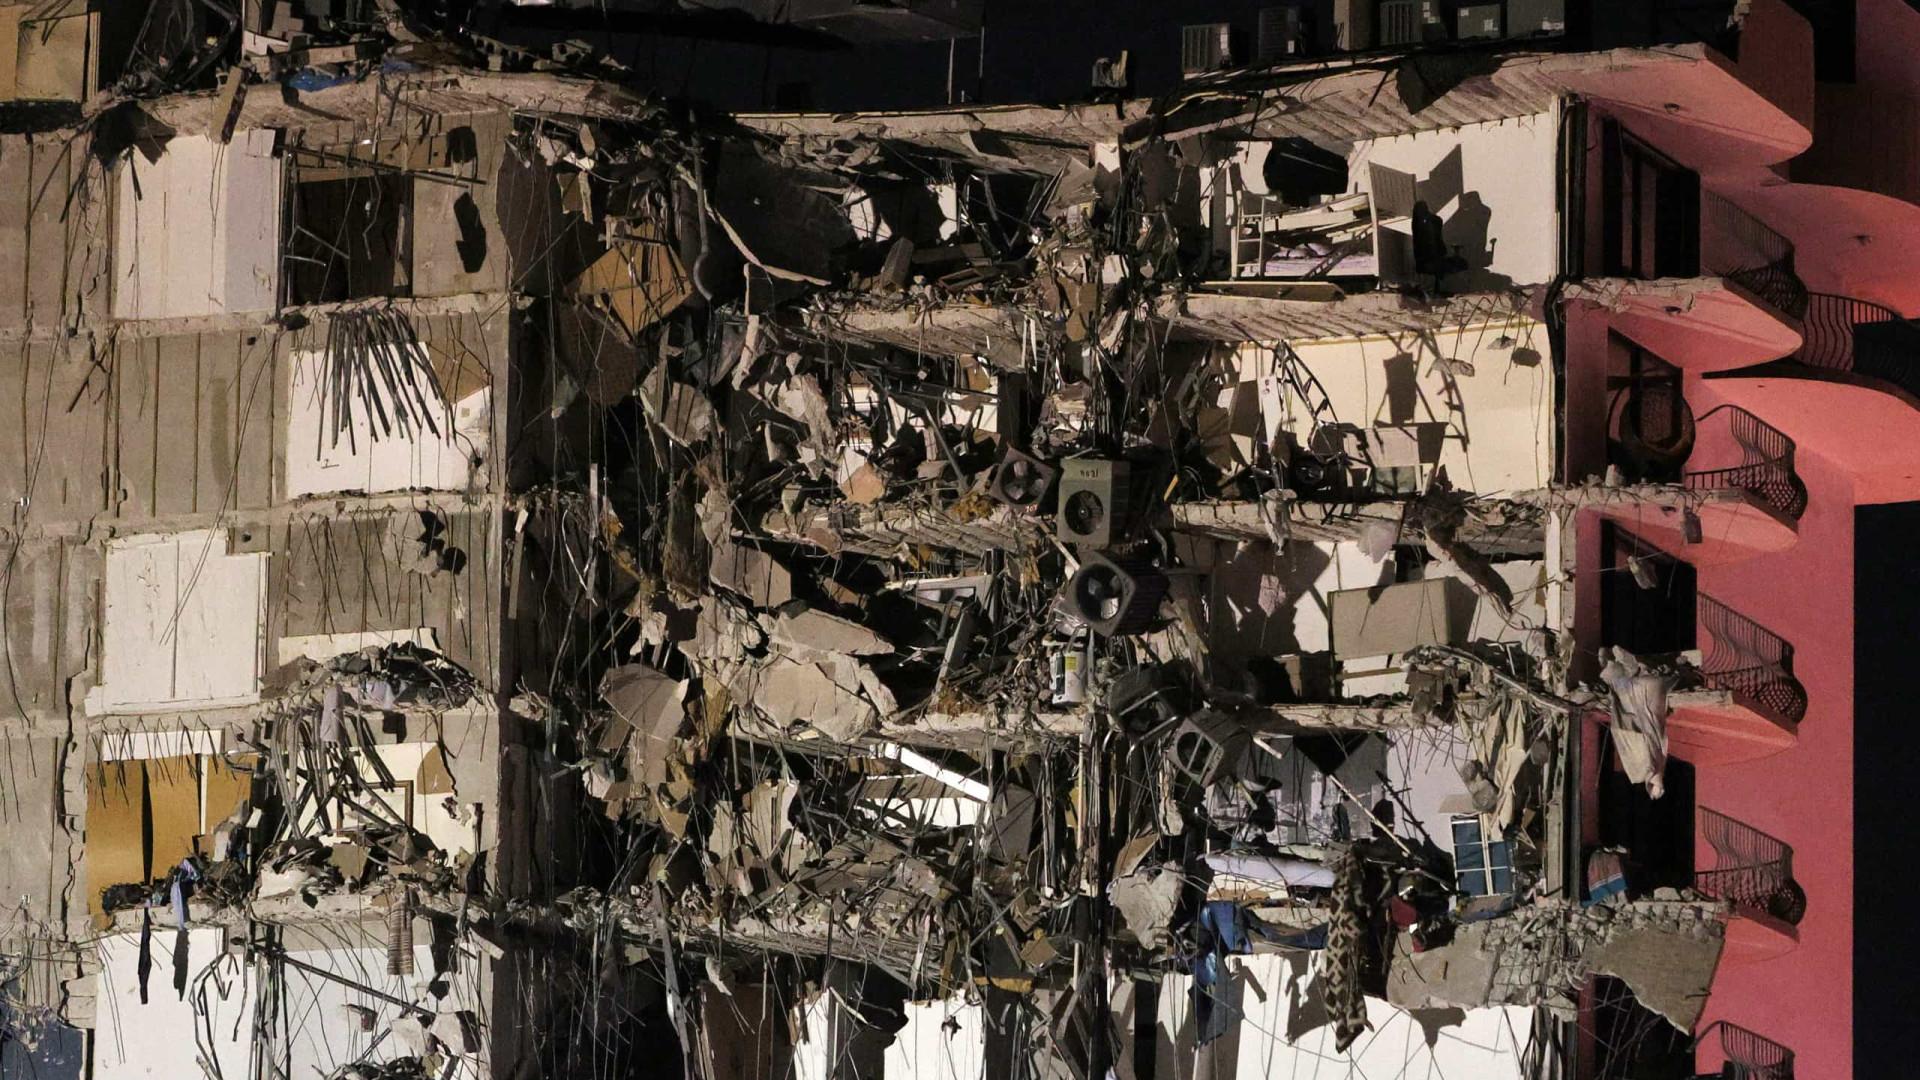 Mais de 50 pessoas desaparecidas após colapso de prédio em Miami